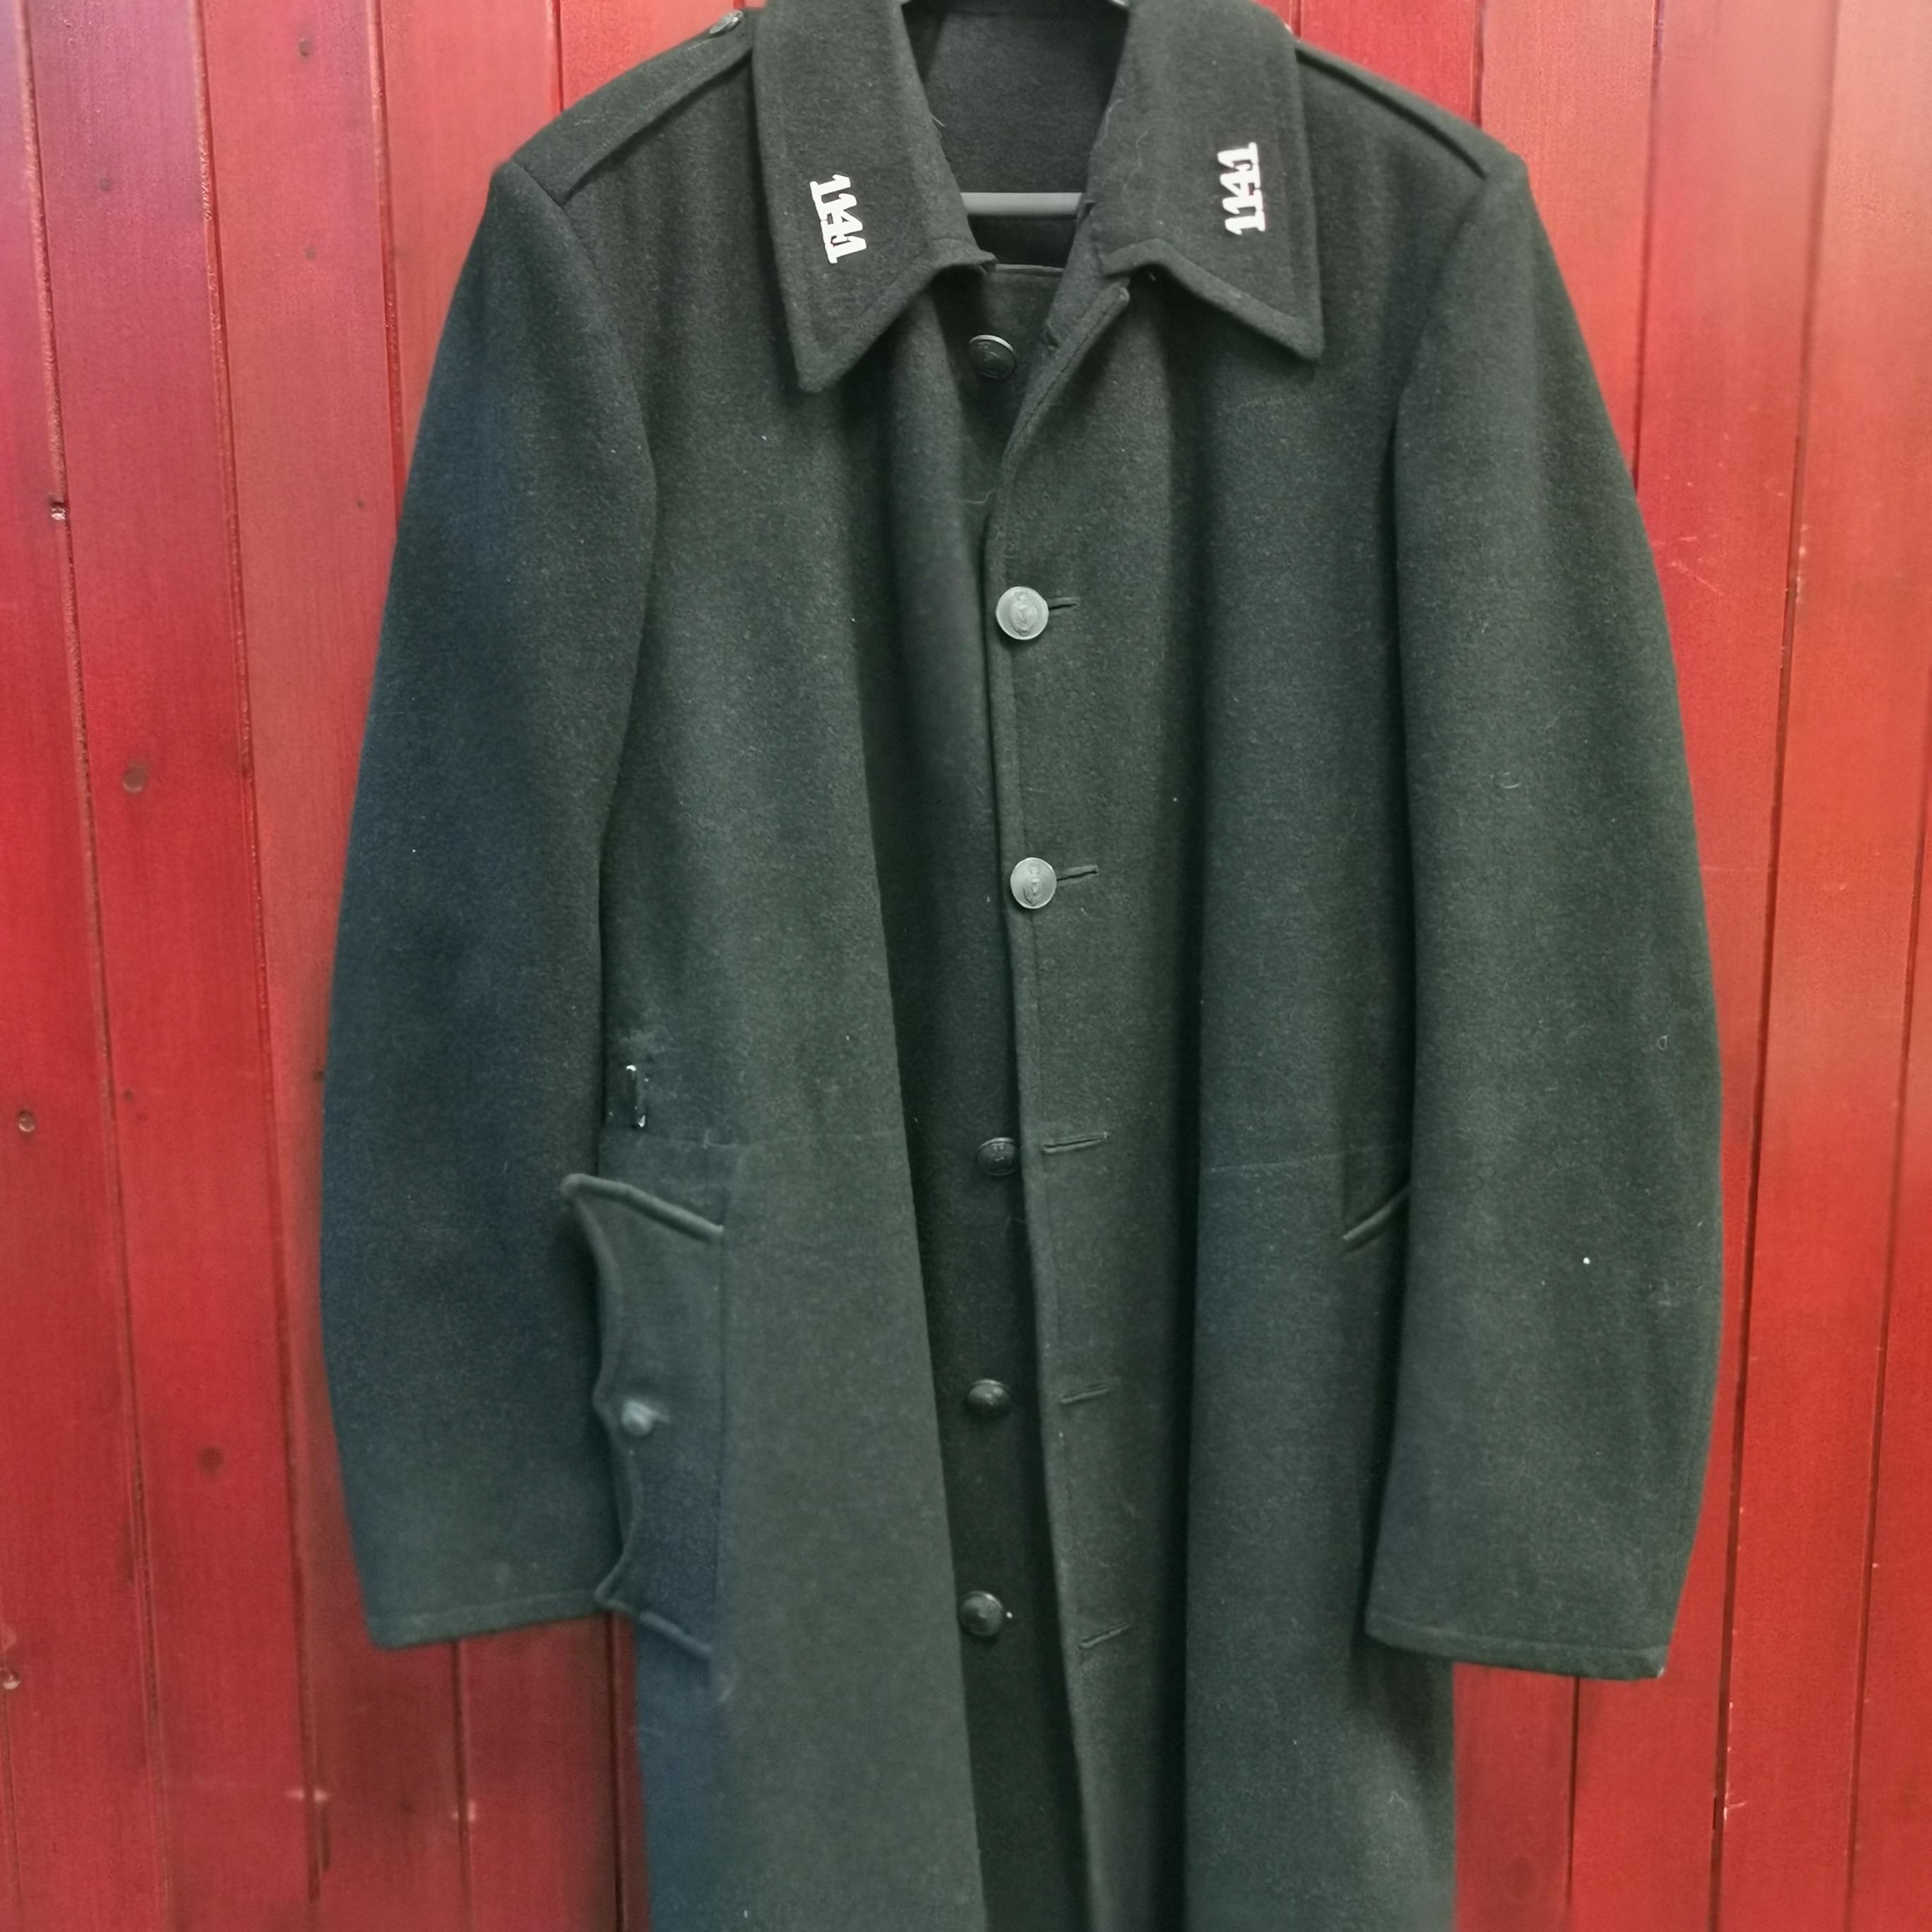 Lot 336 - RUC GREAT COAT